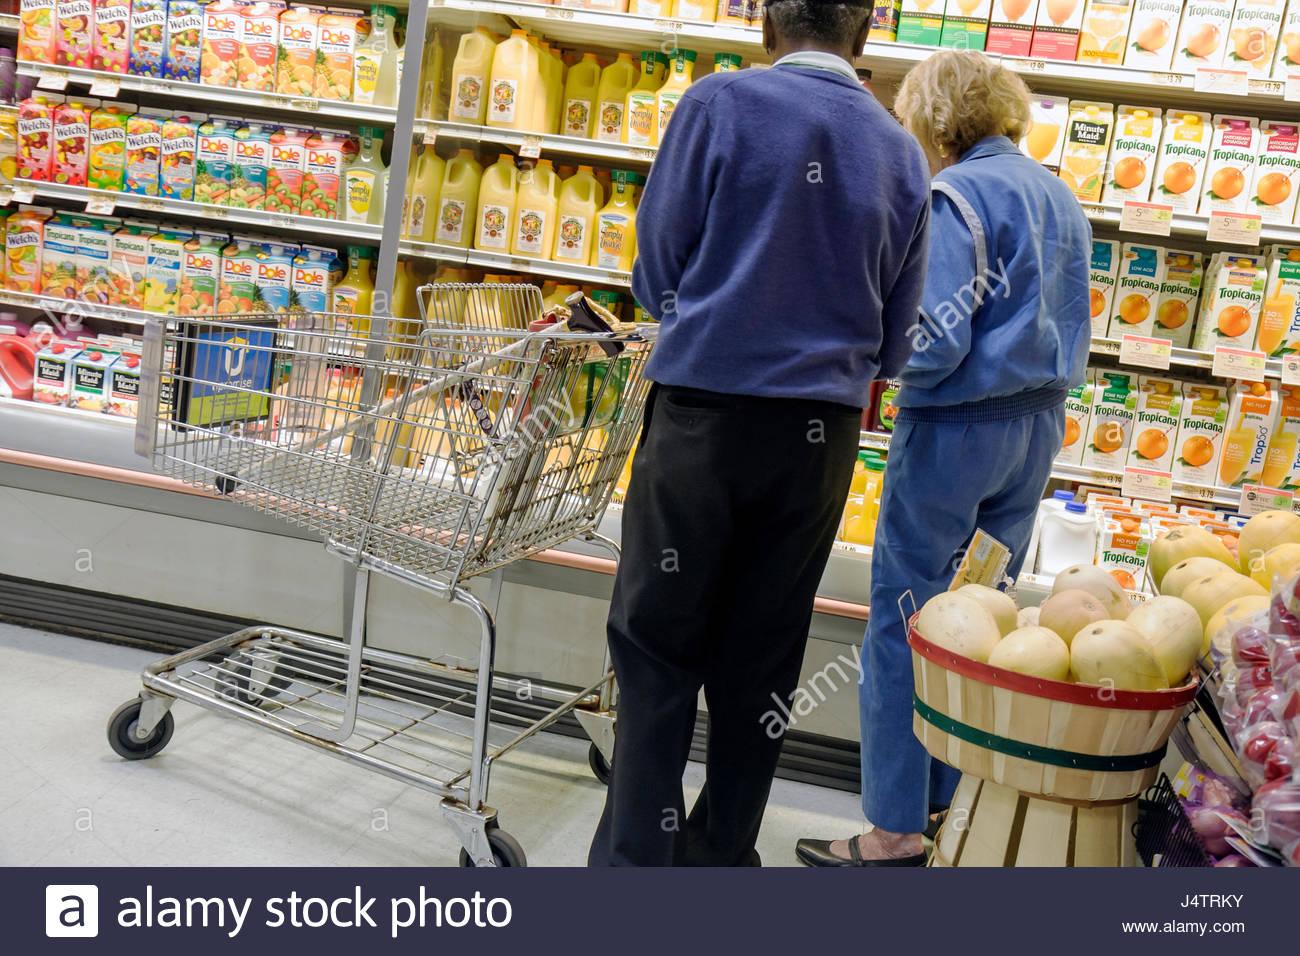 Palm Beach Floride supermarché épicerie Publix shopping d affaires de  l entreprise alimentaire Photo e96378832507